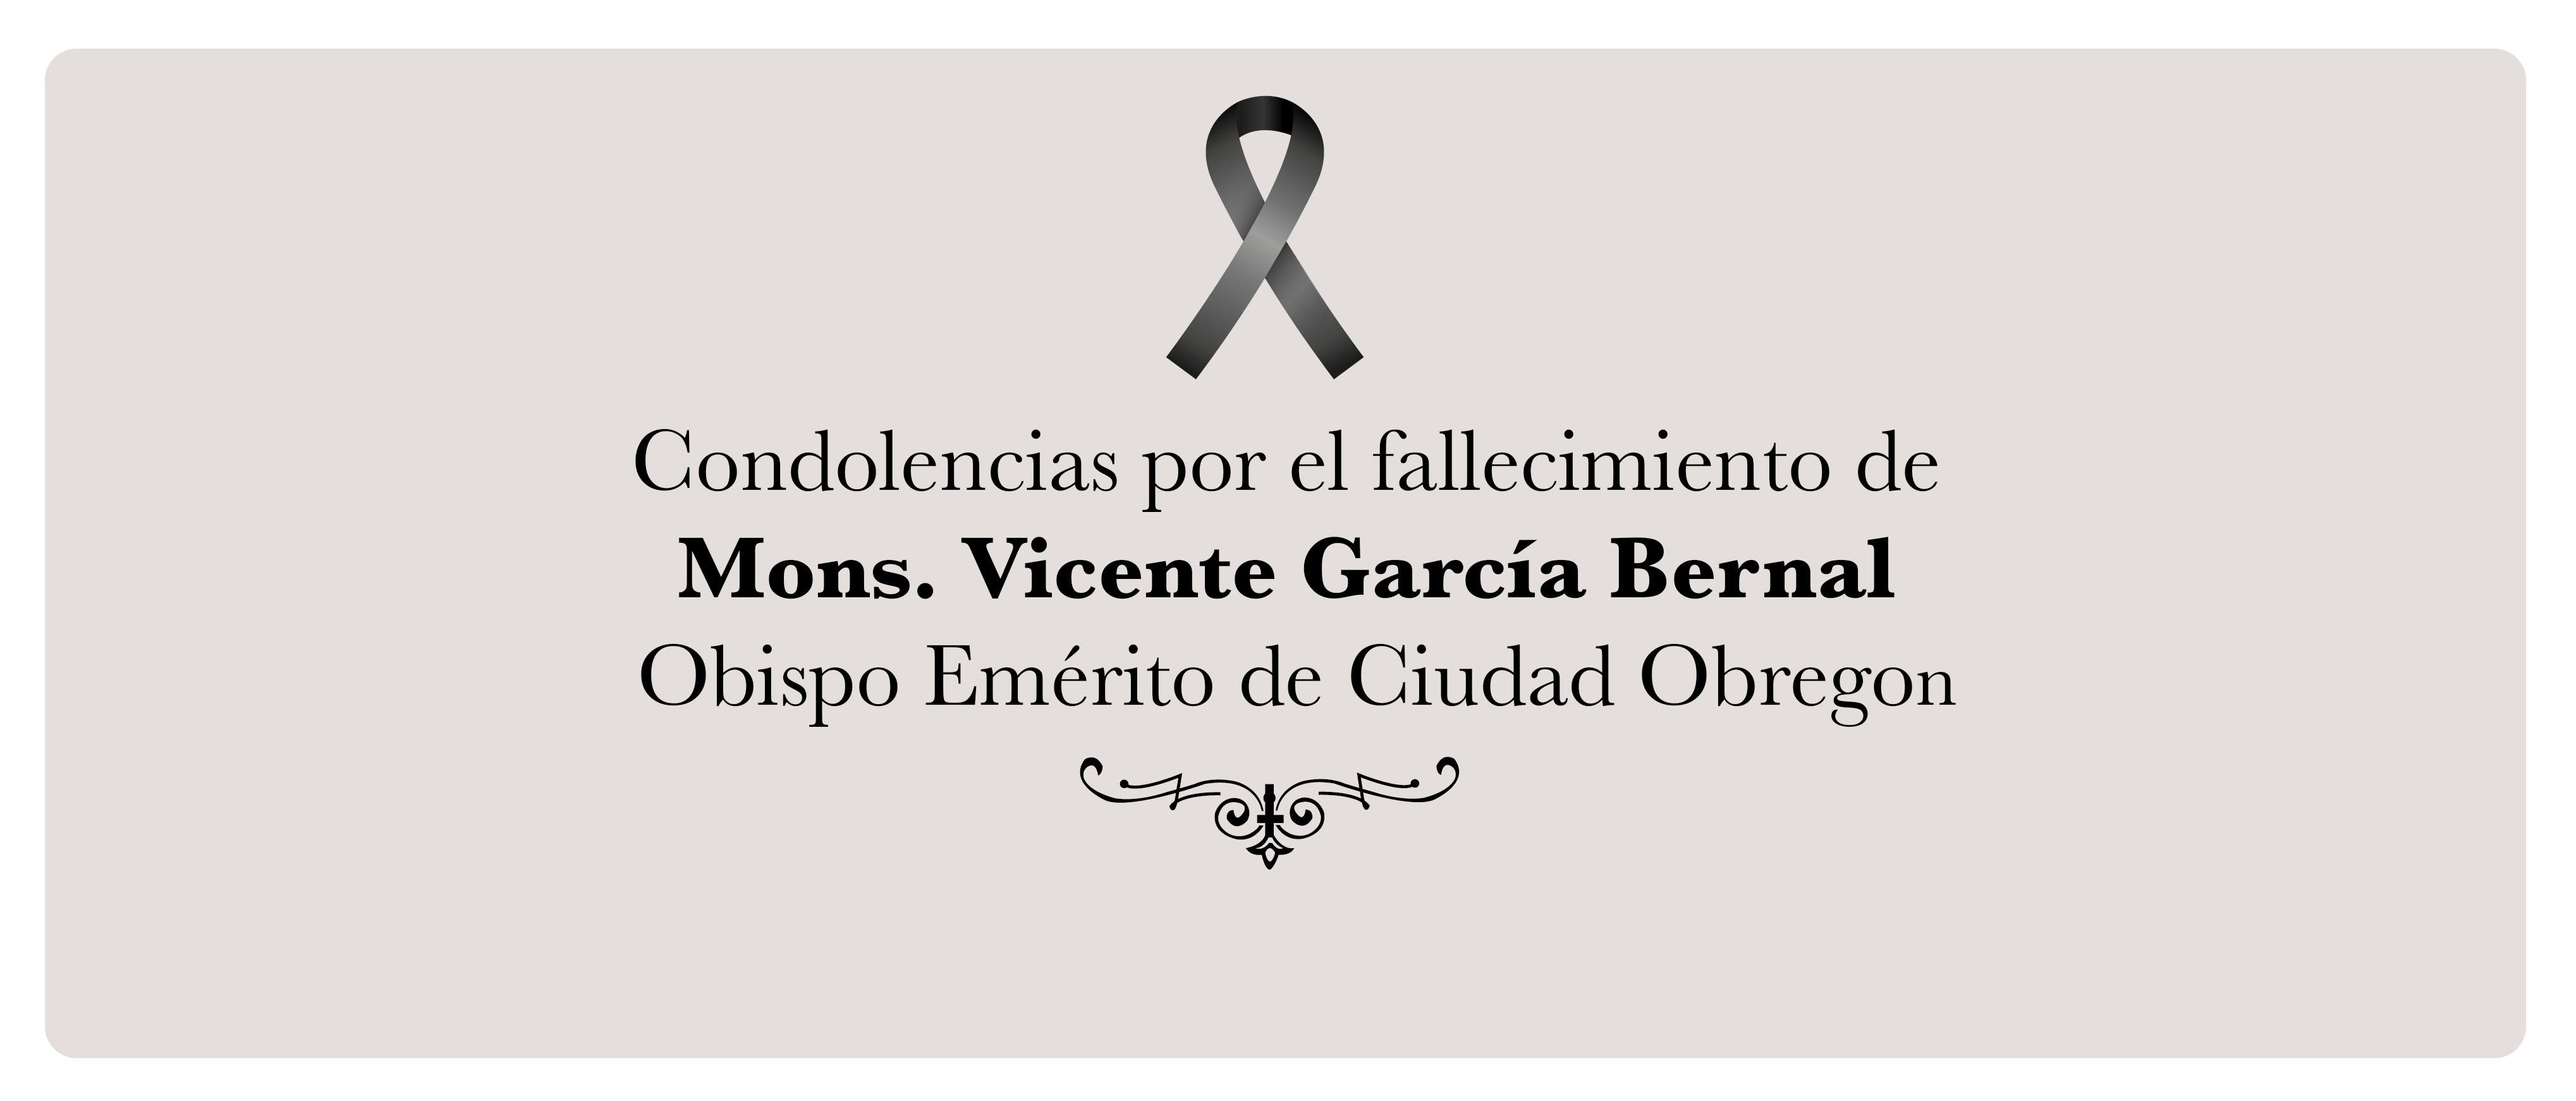 Comunicado Por El Fallecimiento De Mons Vicente García Bernal